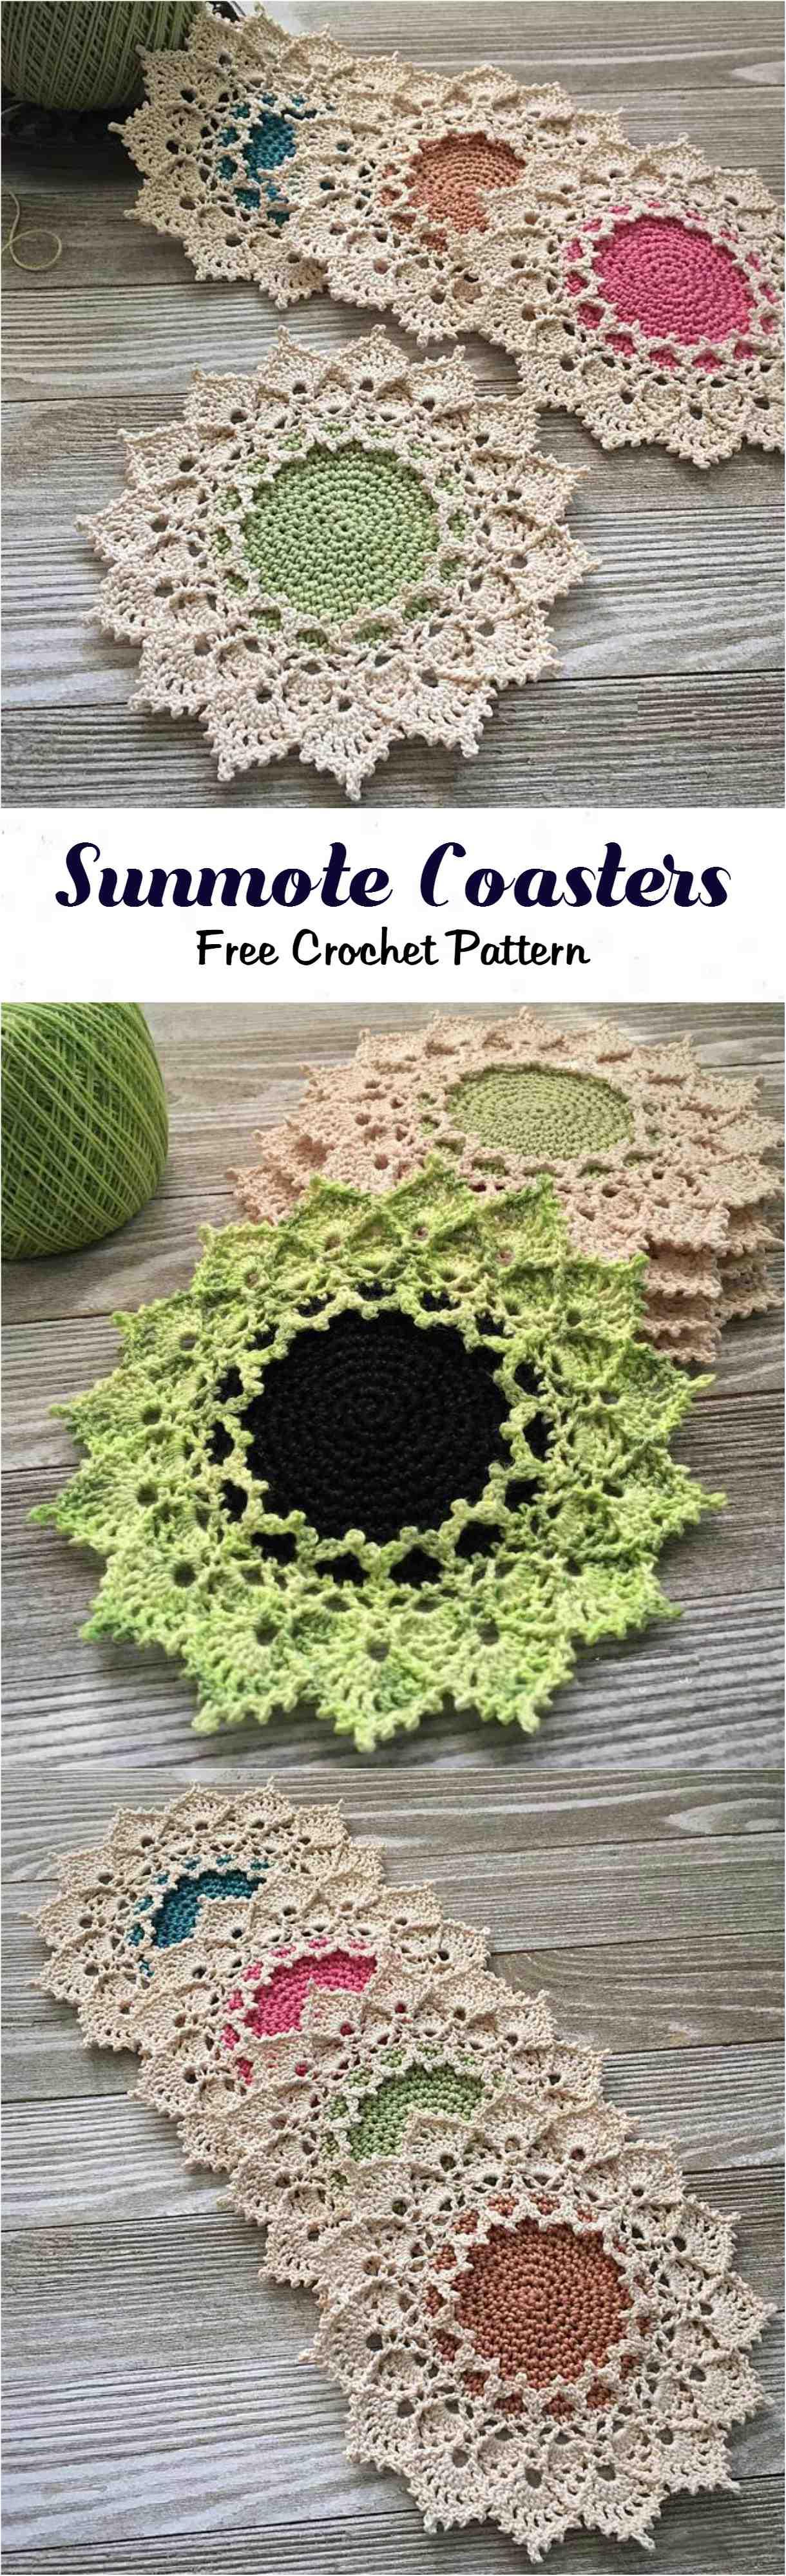 Crochet Sunmote Coasters with free written pattern